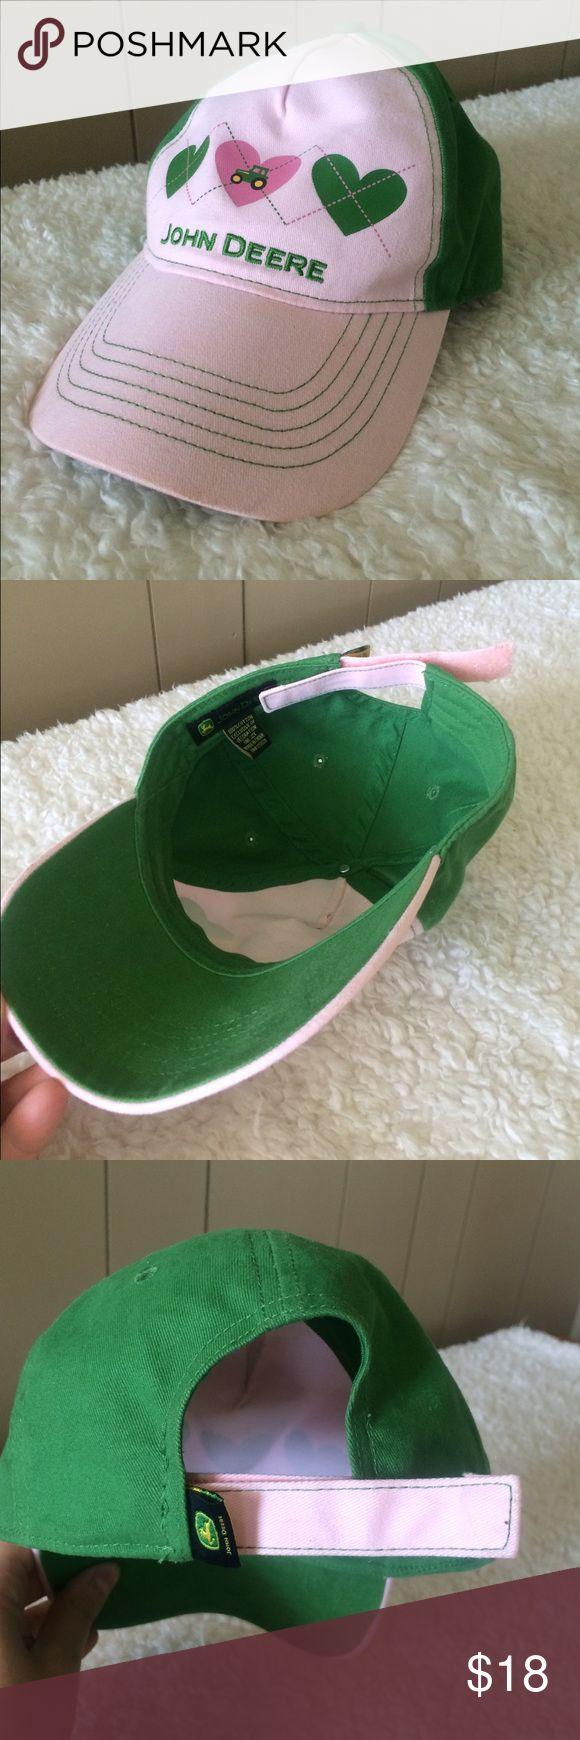 John Deere Ball Cap Cute John Deere ball cap! Only worn once. One size fits all. John Deere Accessories Hats